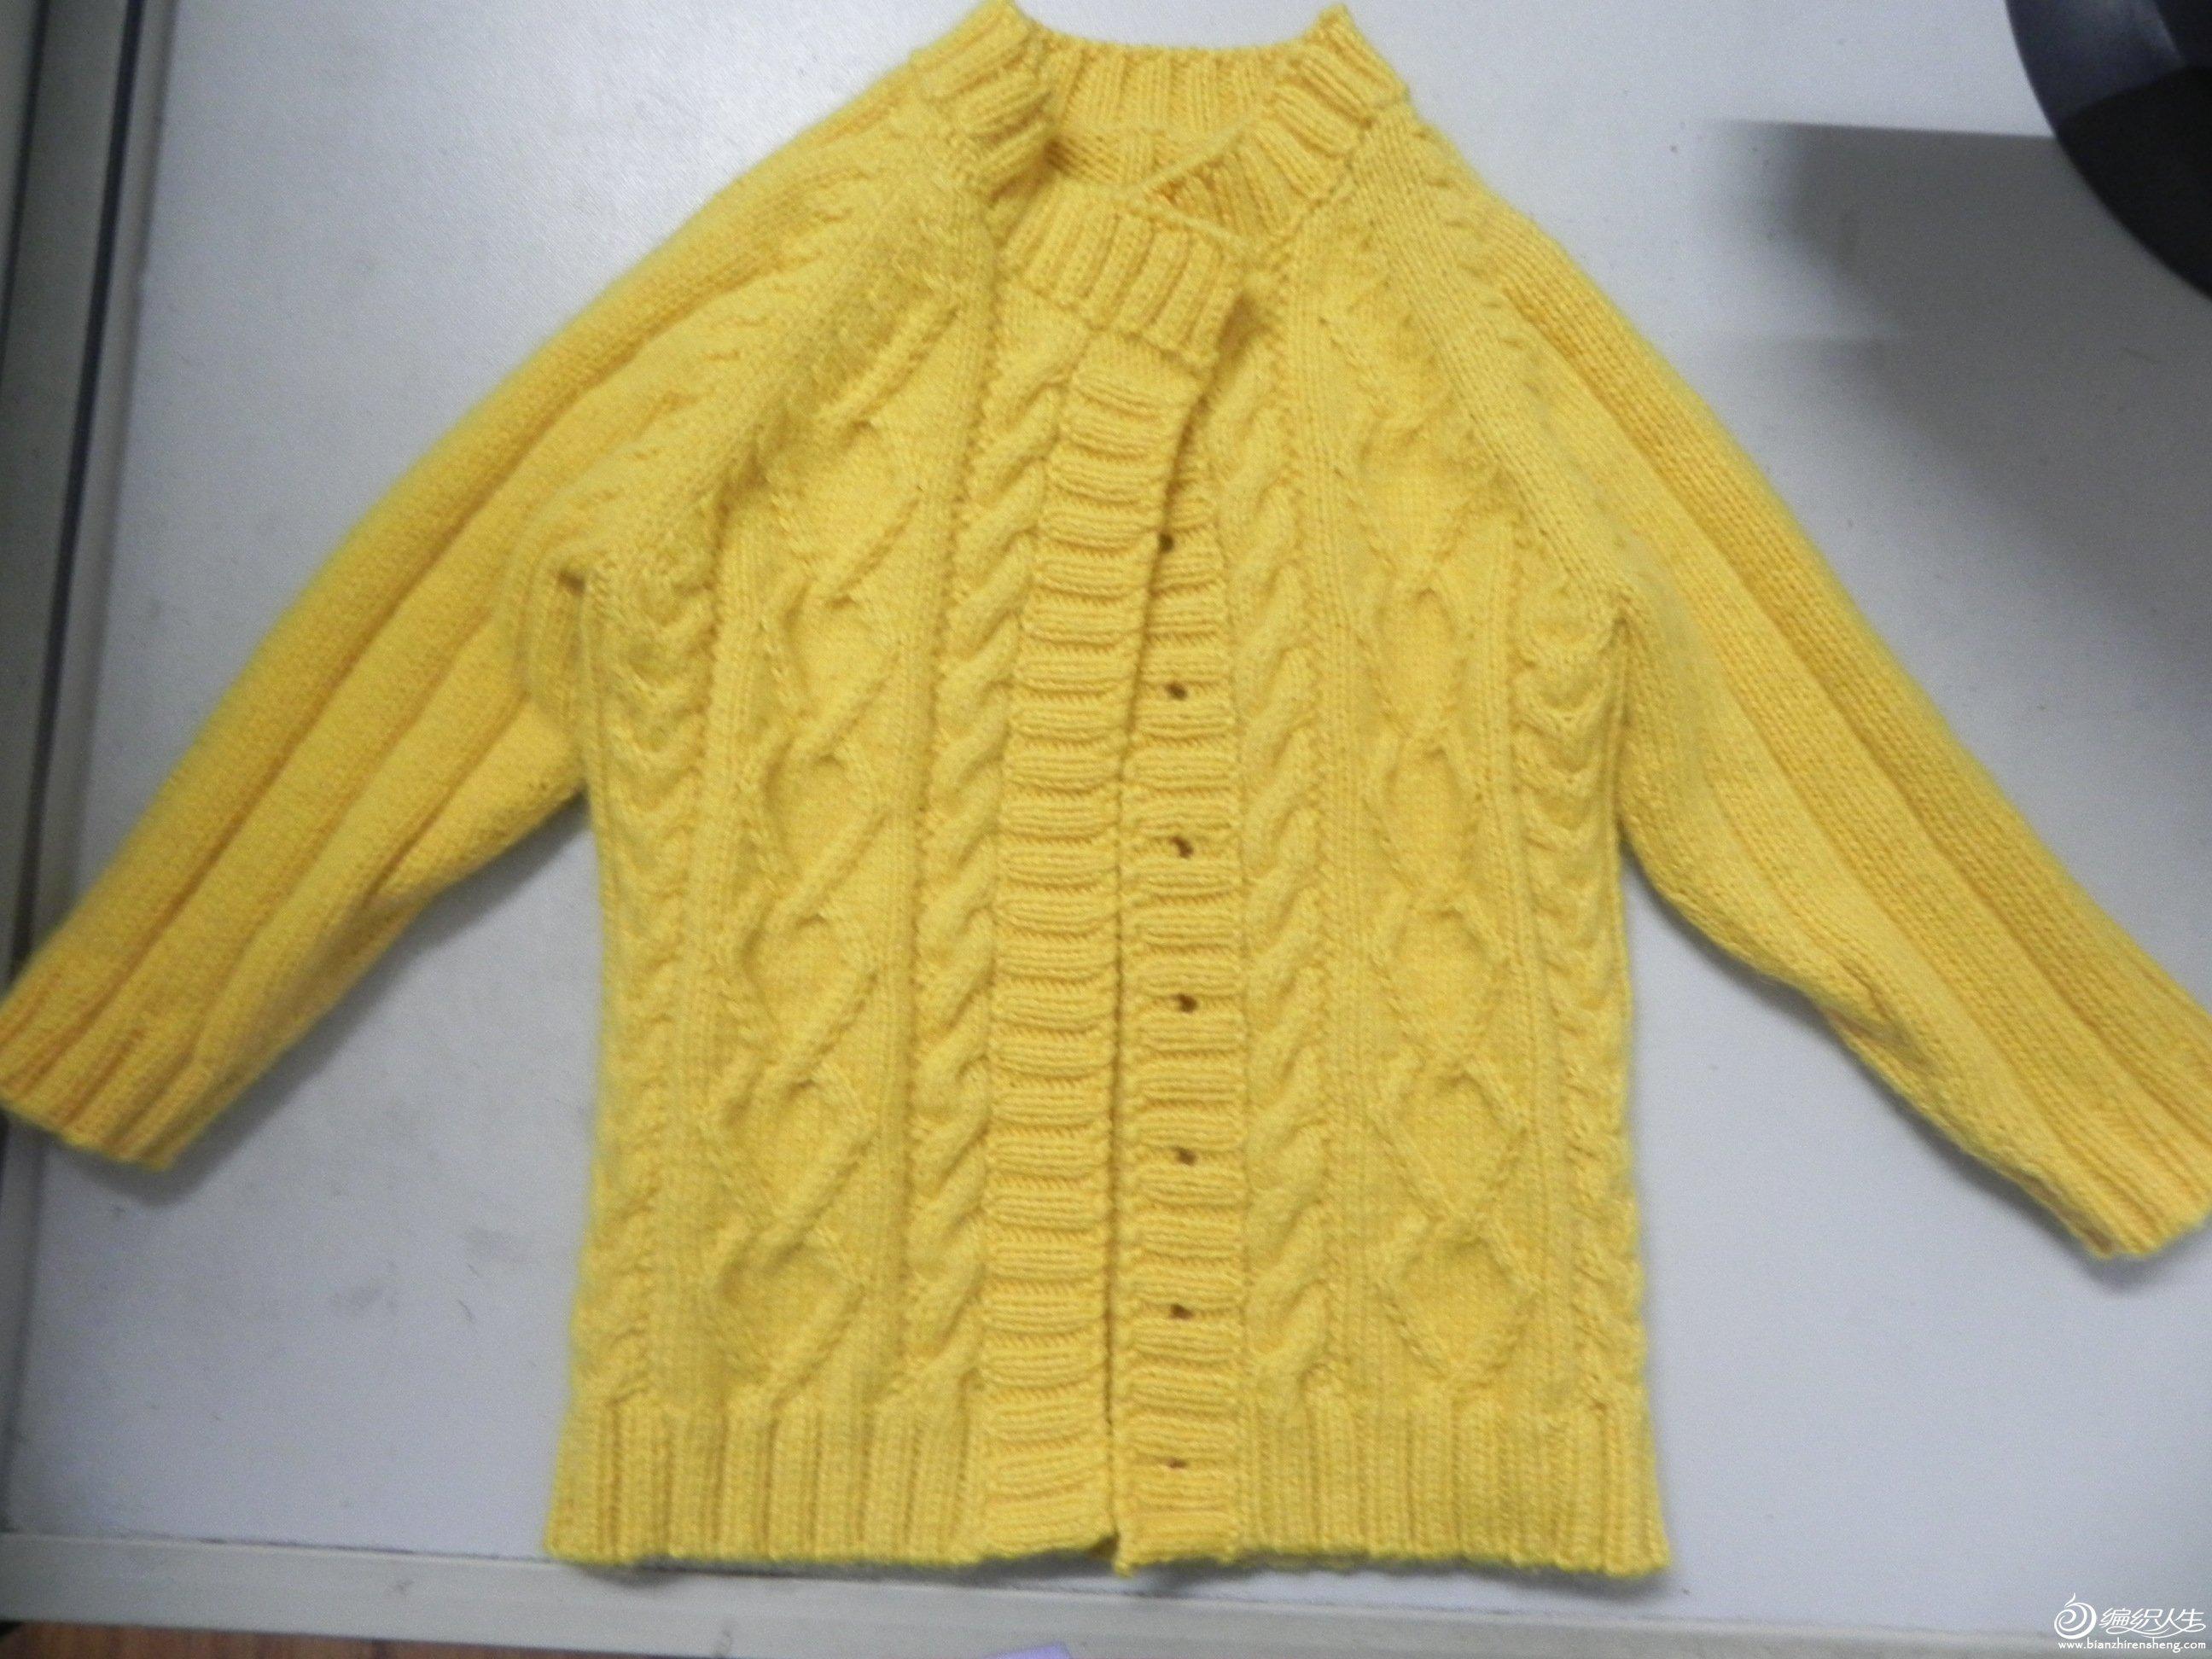 1周岁儿童毛衣样板(黄色)001.jpg